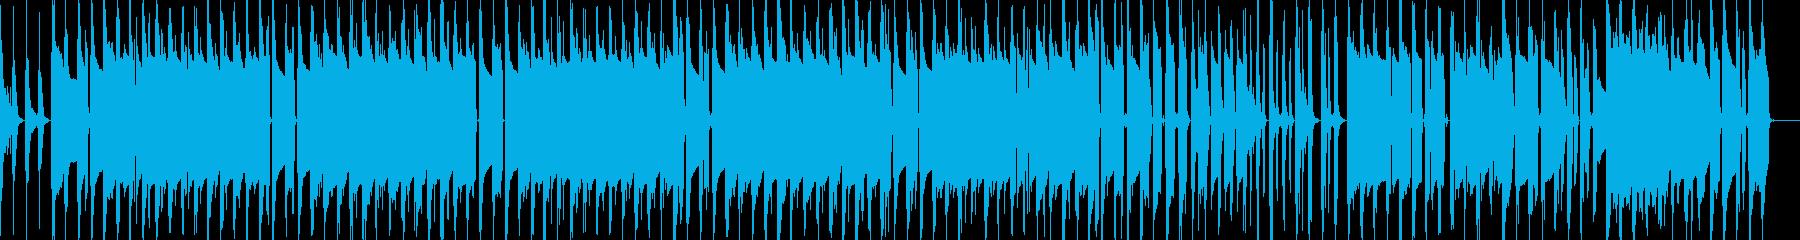 不思議な雰囲気のドラムンベースの再生済みの波形